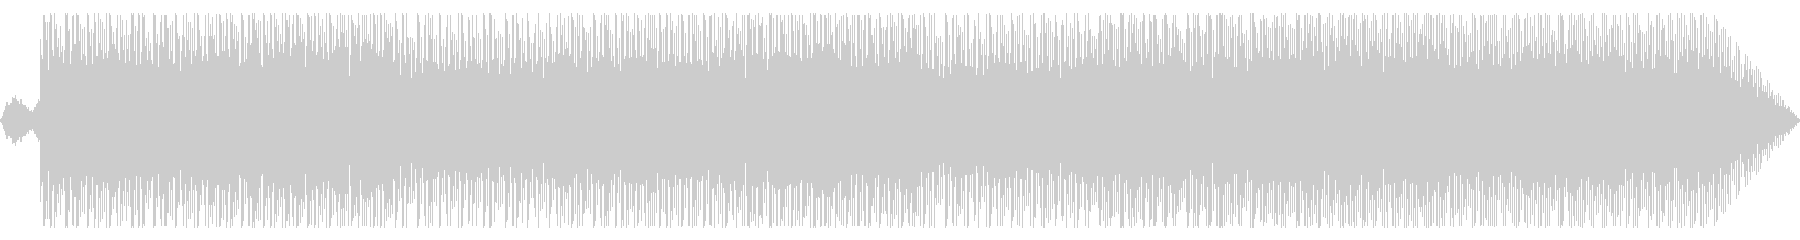 シンプルに繰り返すテクノ曲の未再生の波形